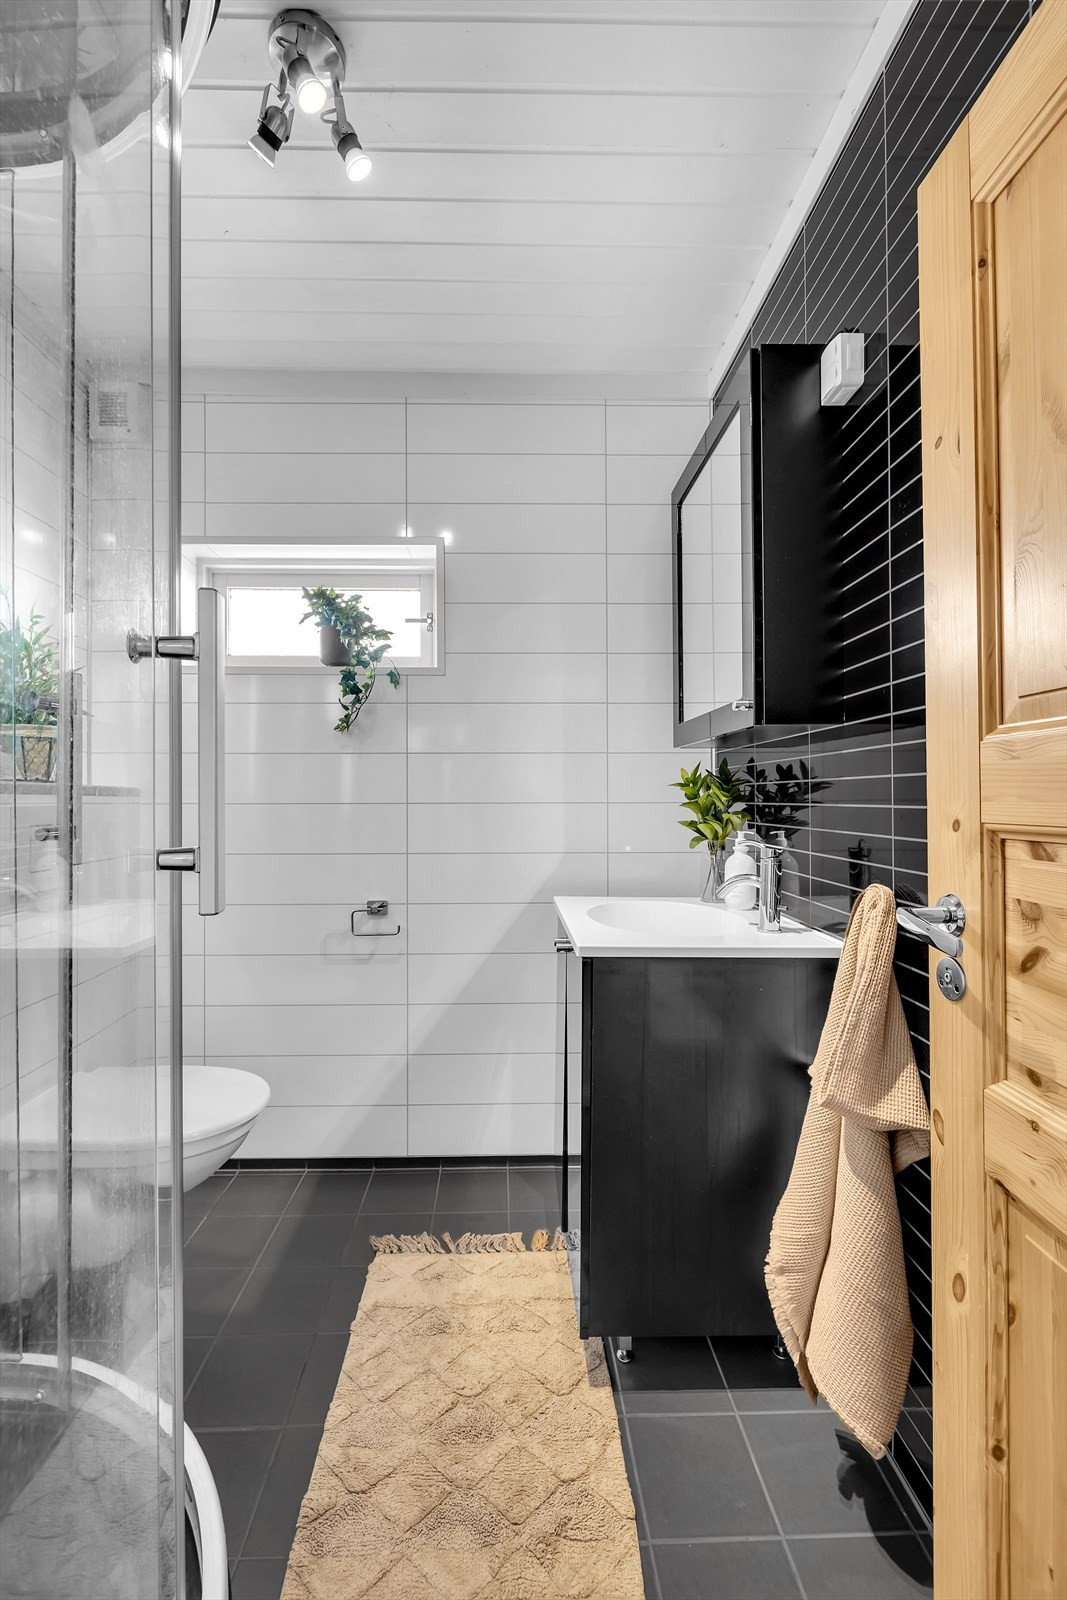 Bad med flislagt gulv og varmekabler